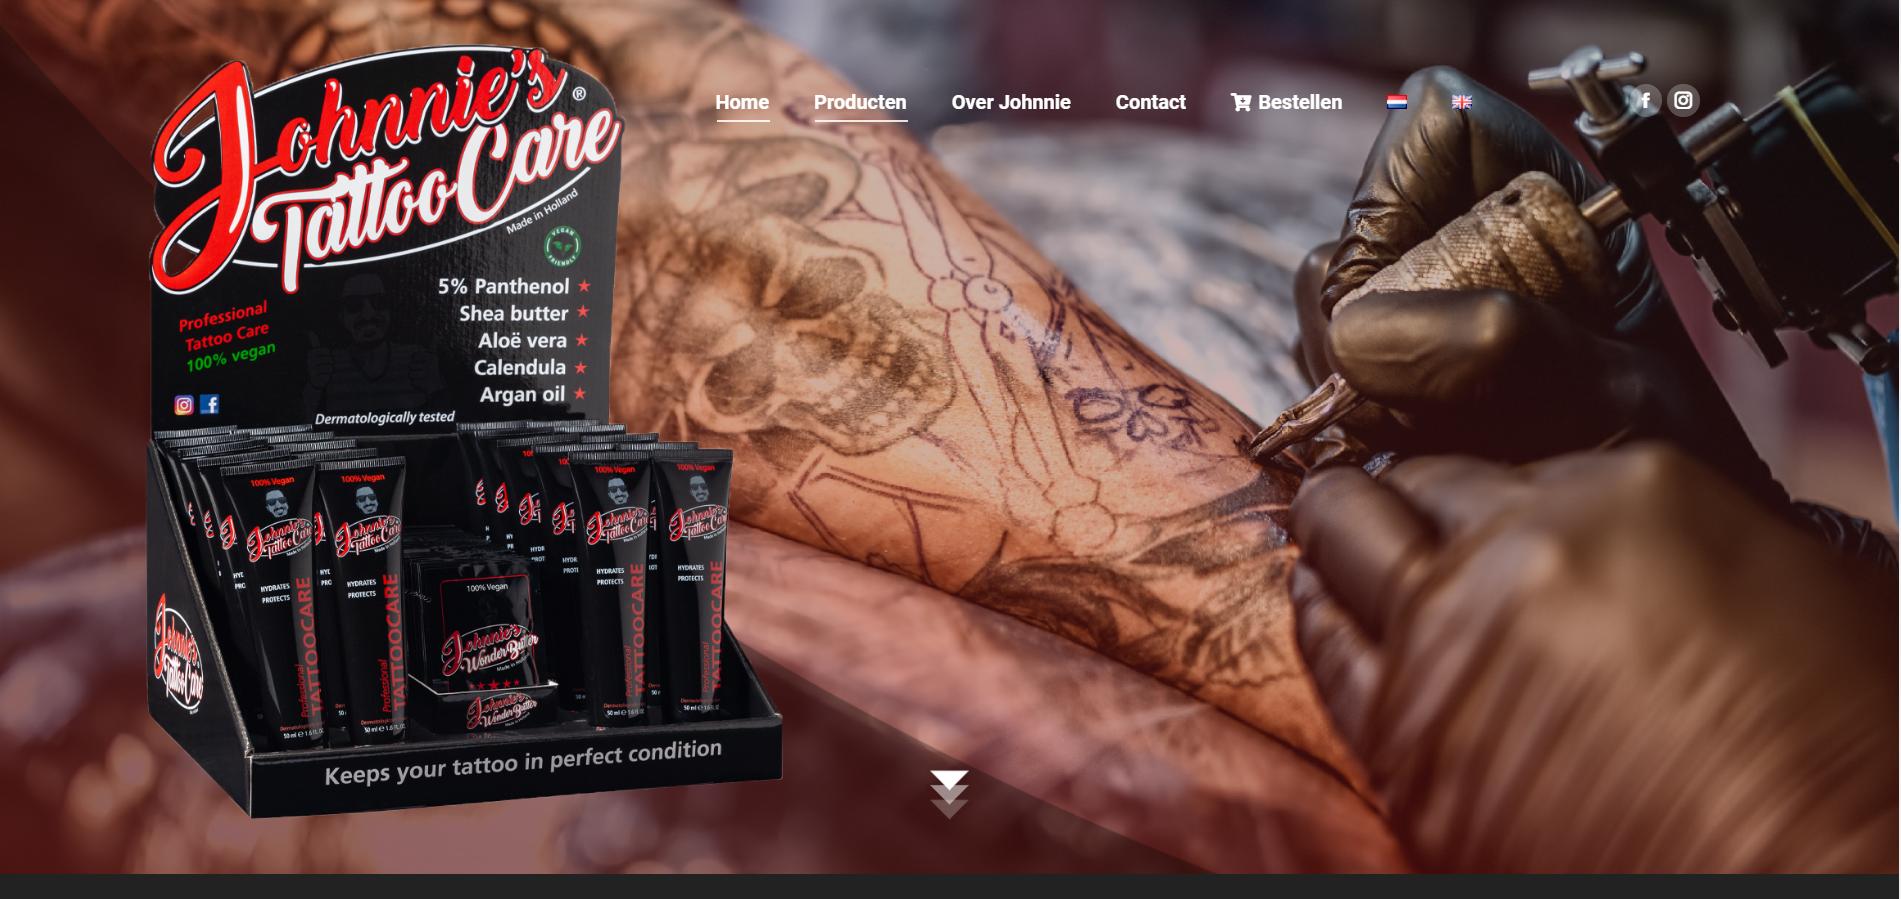 website laten maken voor tattoo verzorging